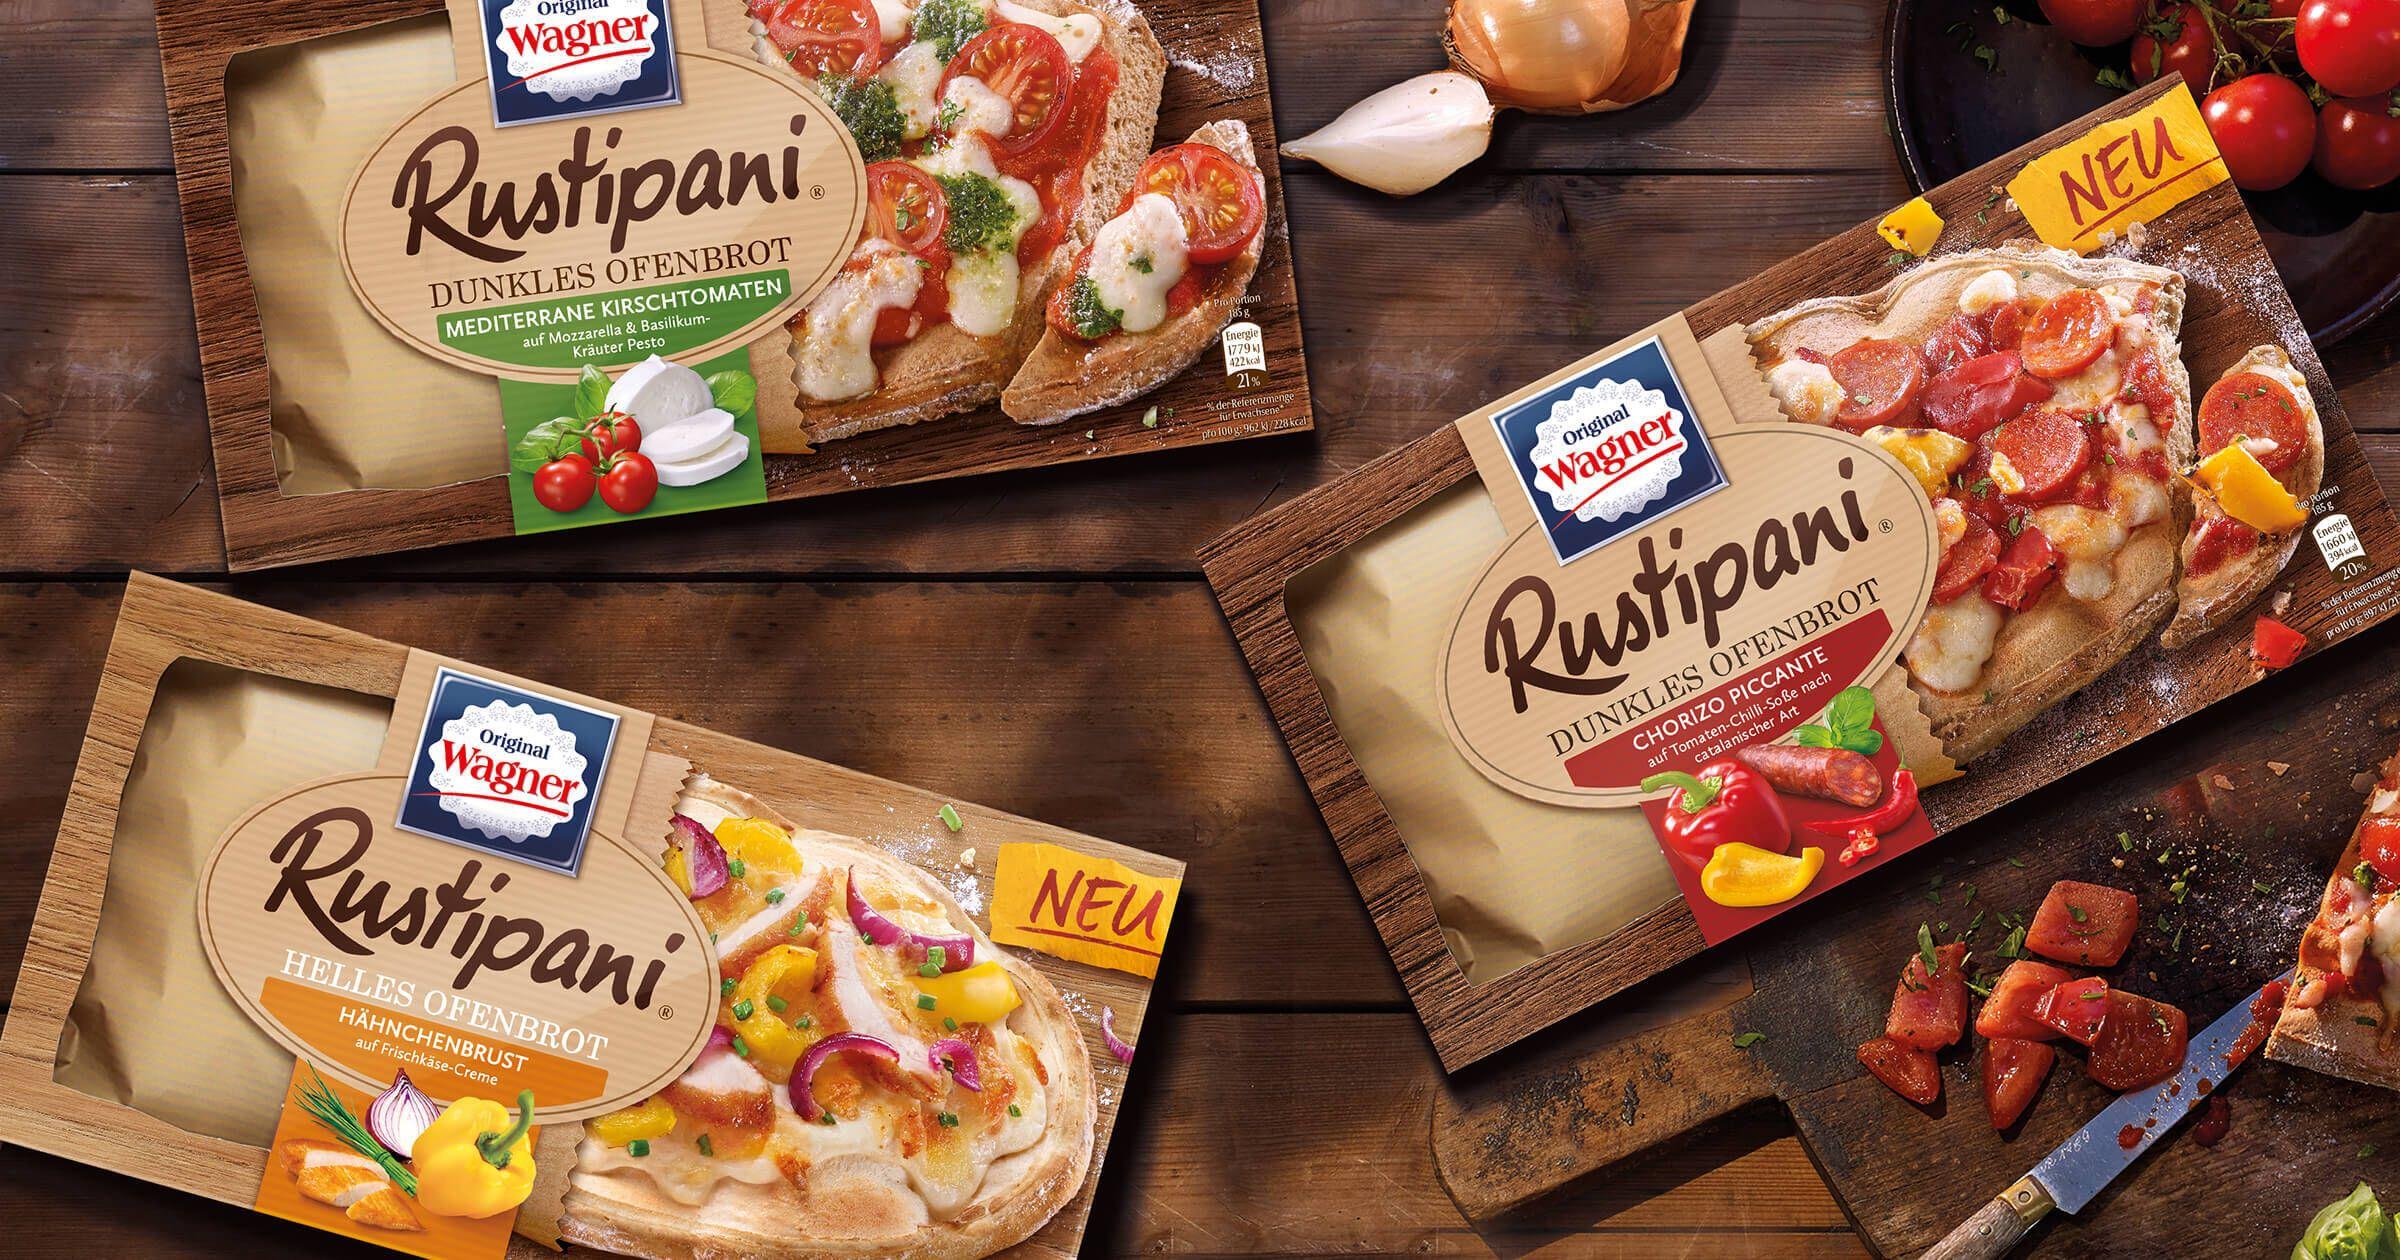 [Edeka Minden-Hannover] Wagner Rustipani Pizza versch. Sorten mit Coupon für 0,89€